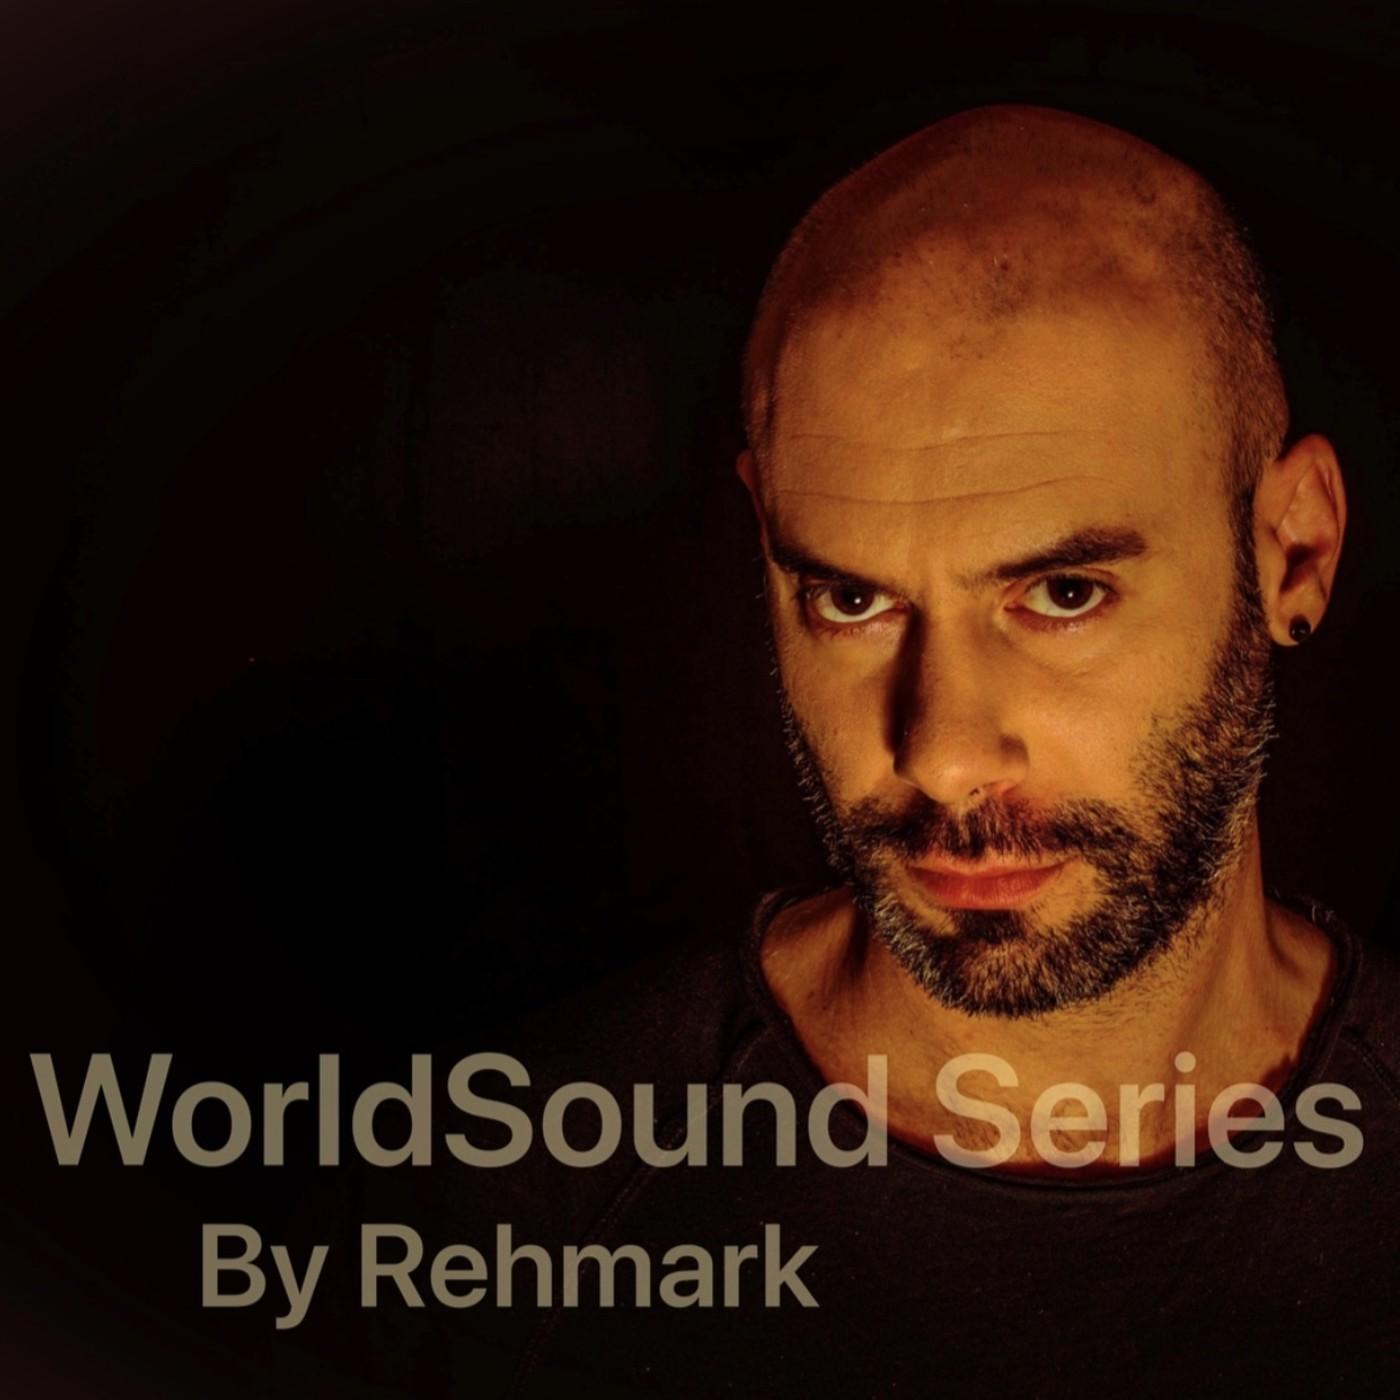 WORLDSOUND SERIES